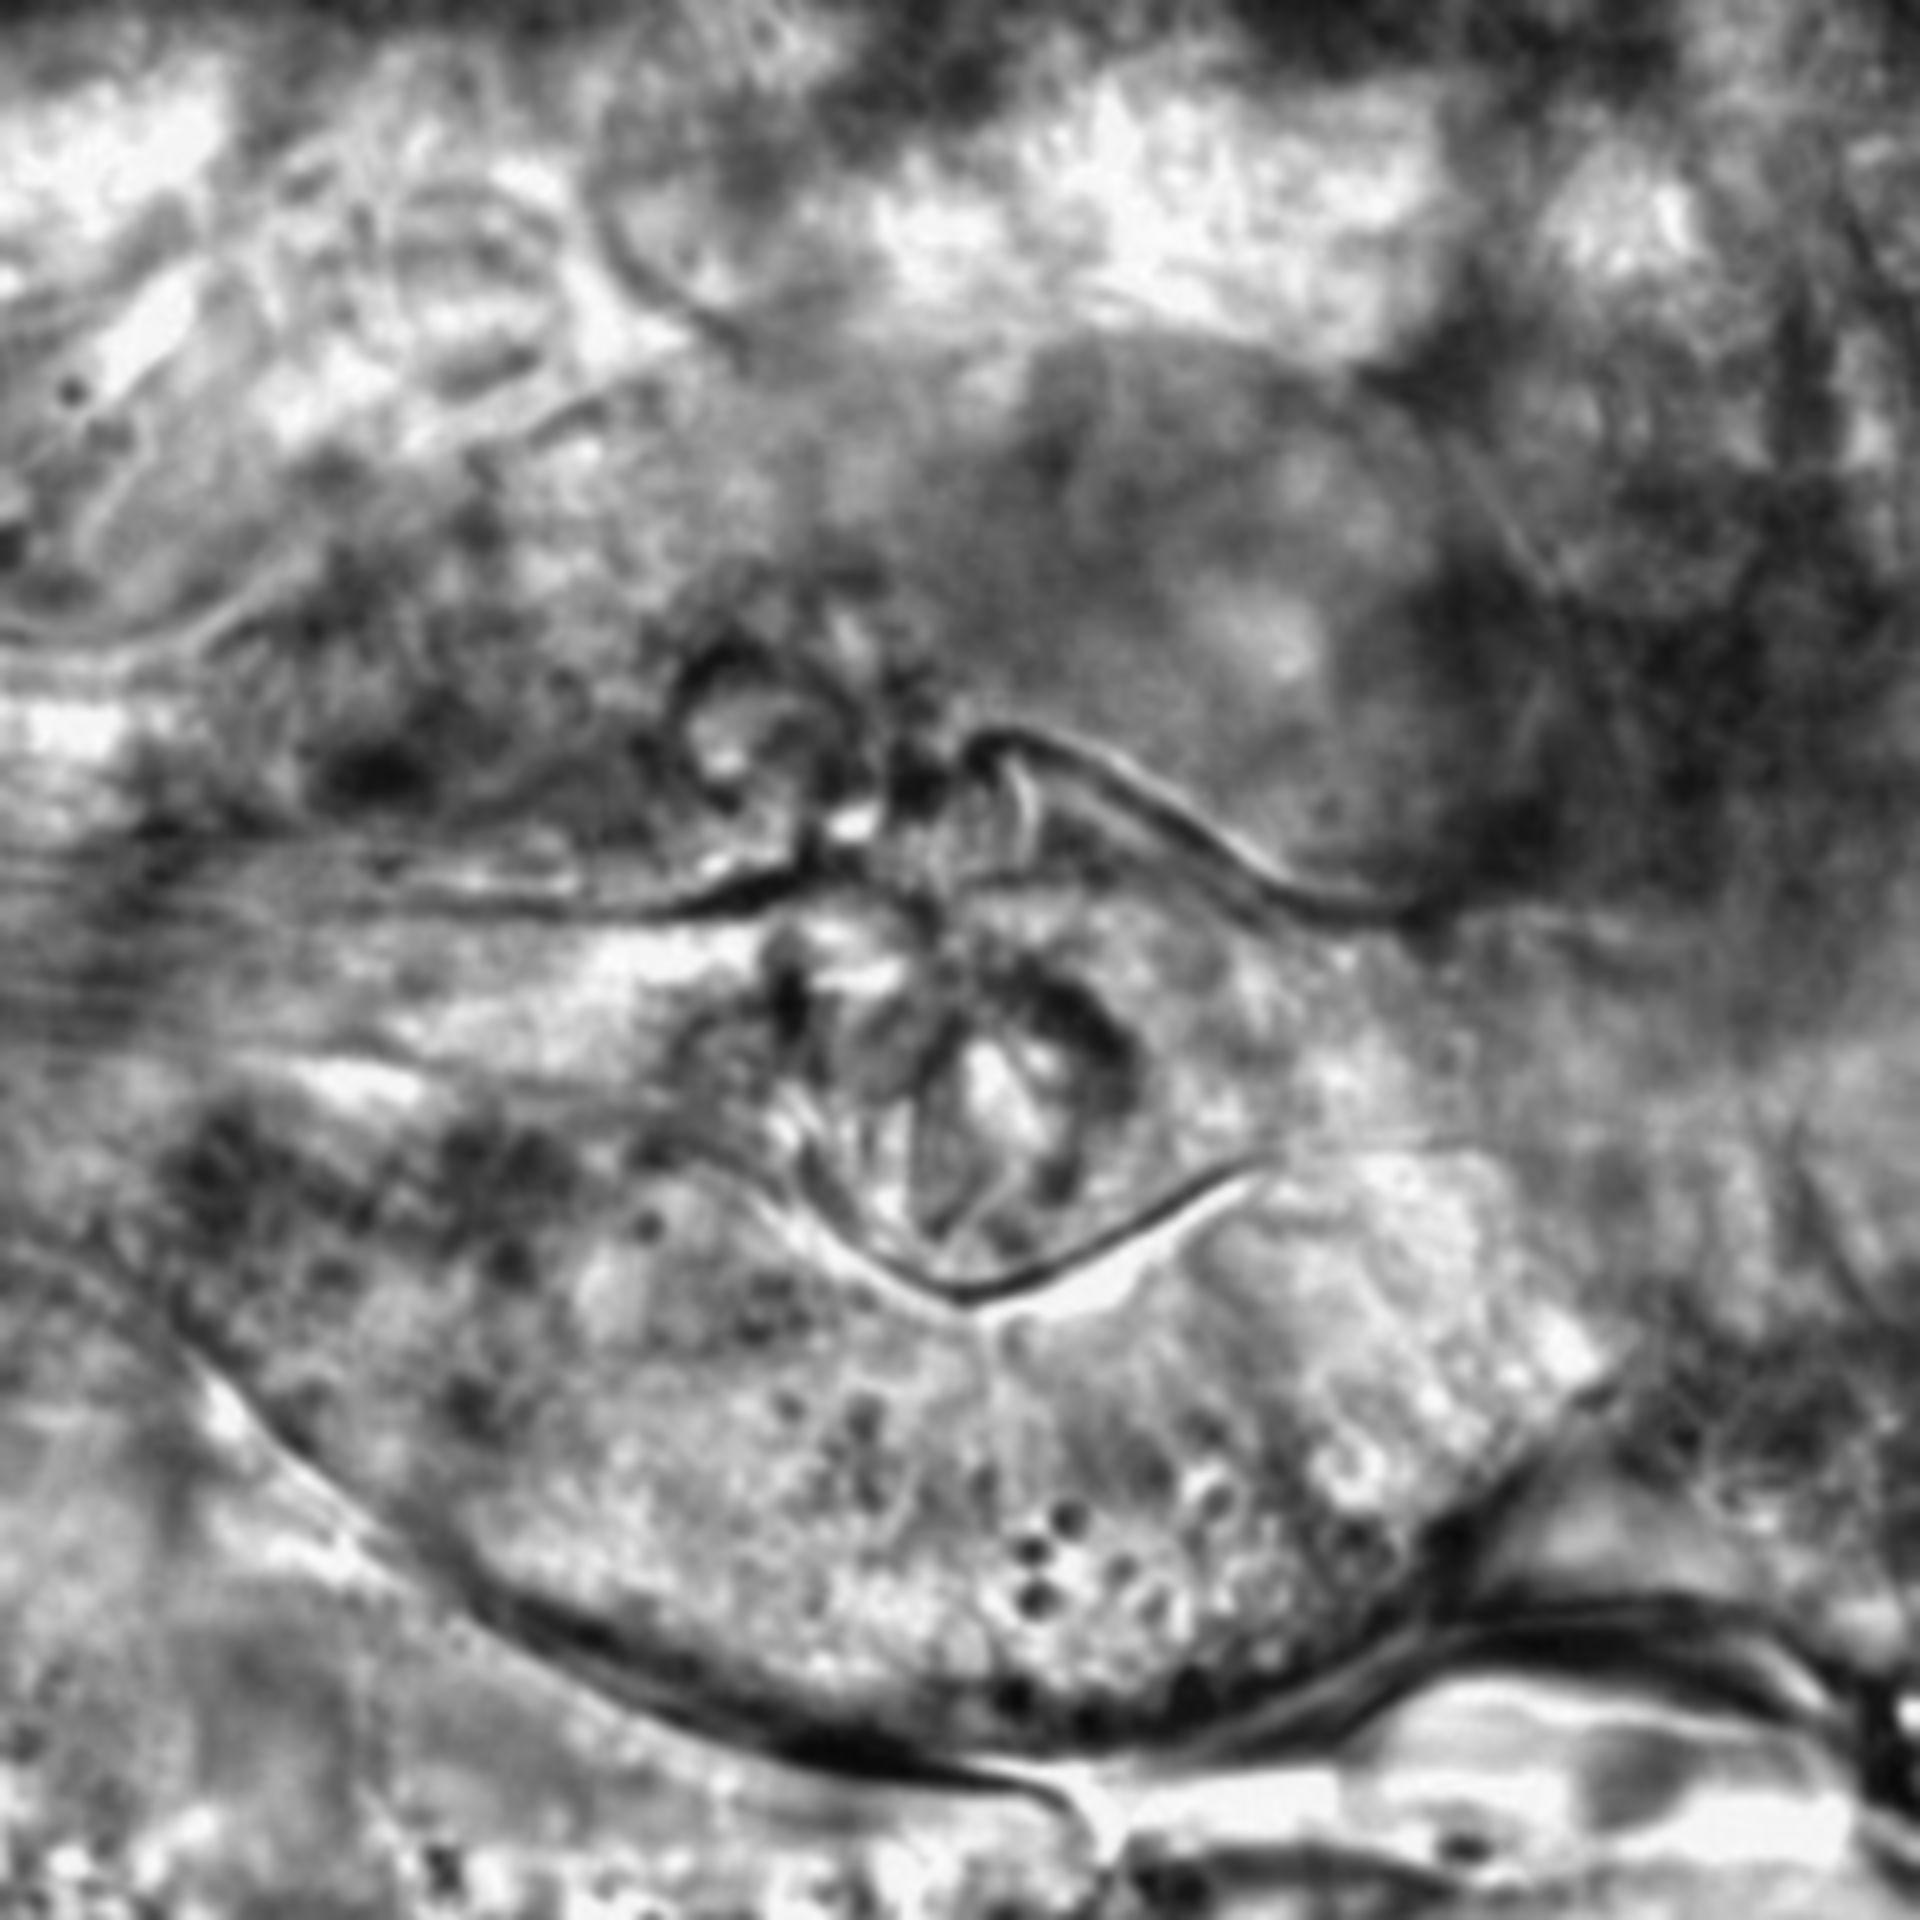 Caenorhabditis elegans - CIL:2745